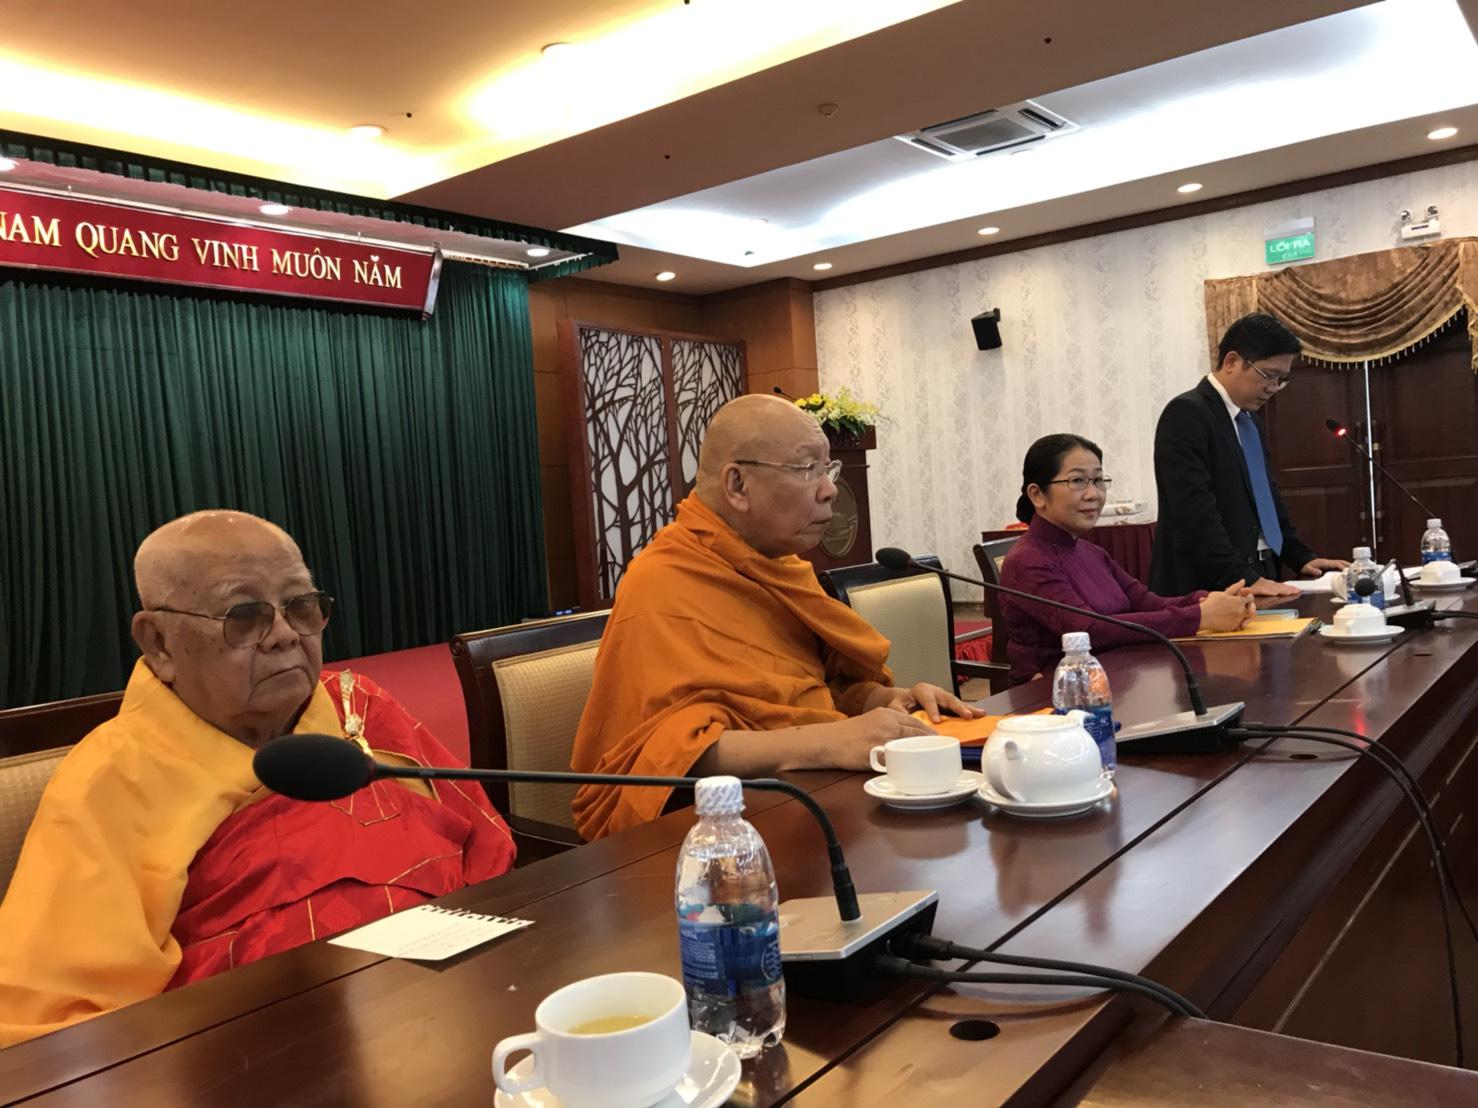 611003 รอง ฯ กต สานสัมพันธ์ พระพุทธศาสนาไทยเวียดนาม 3